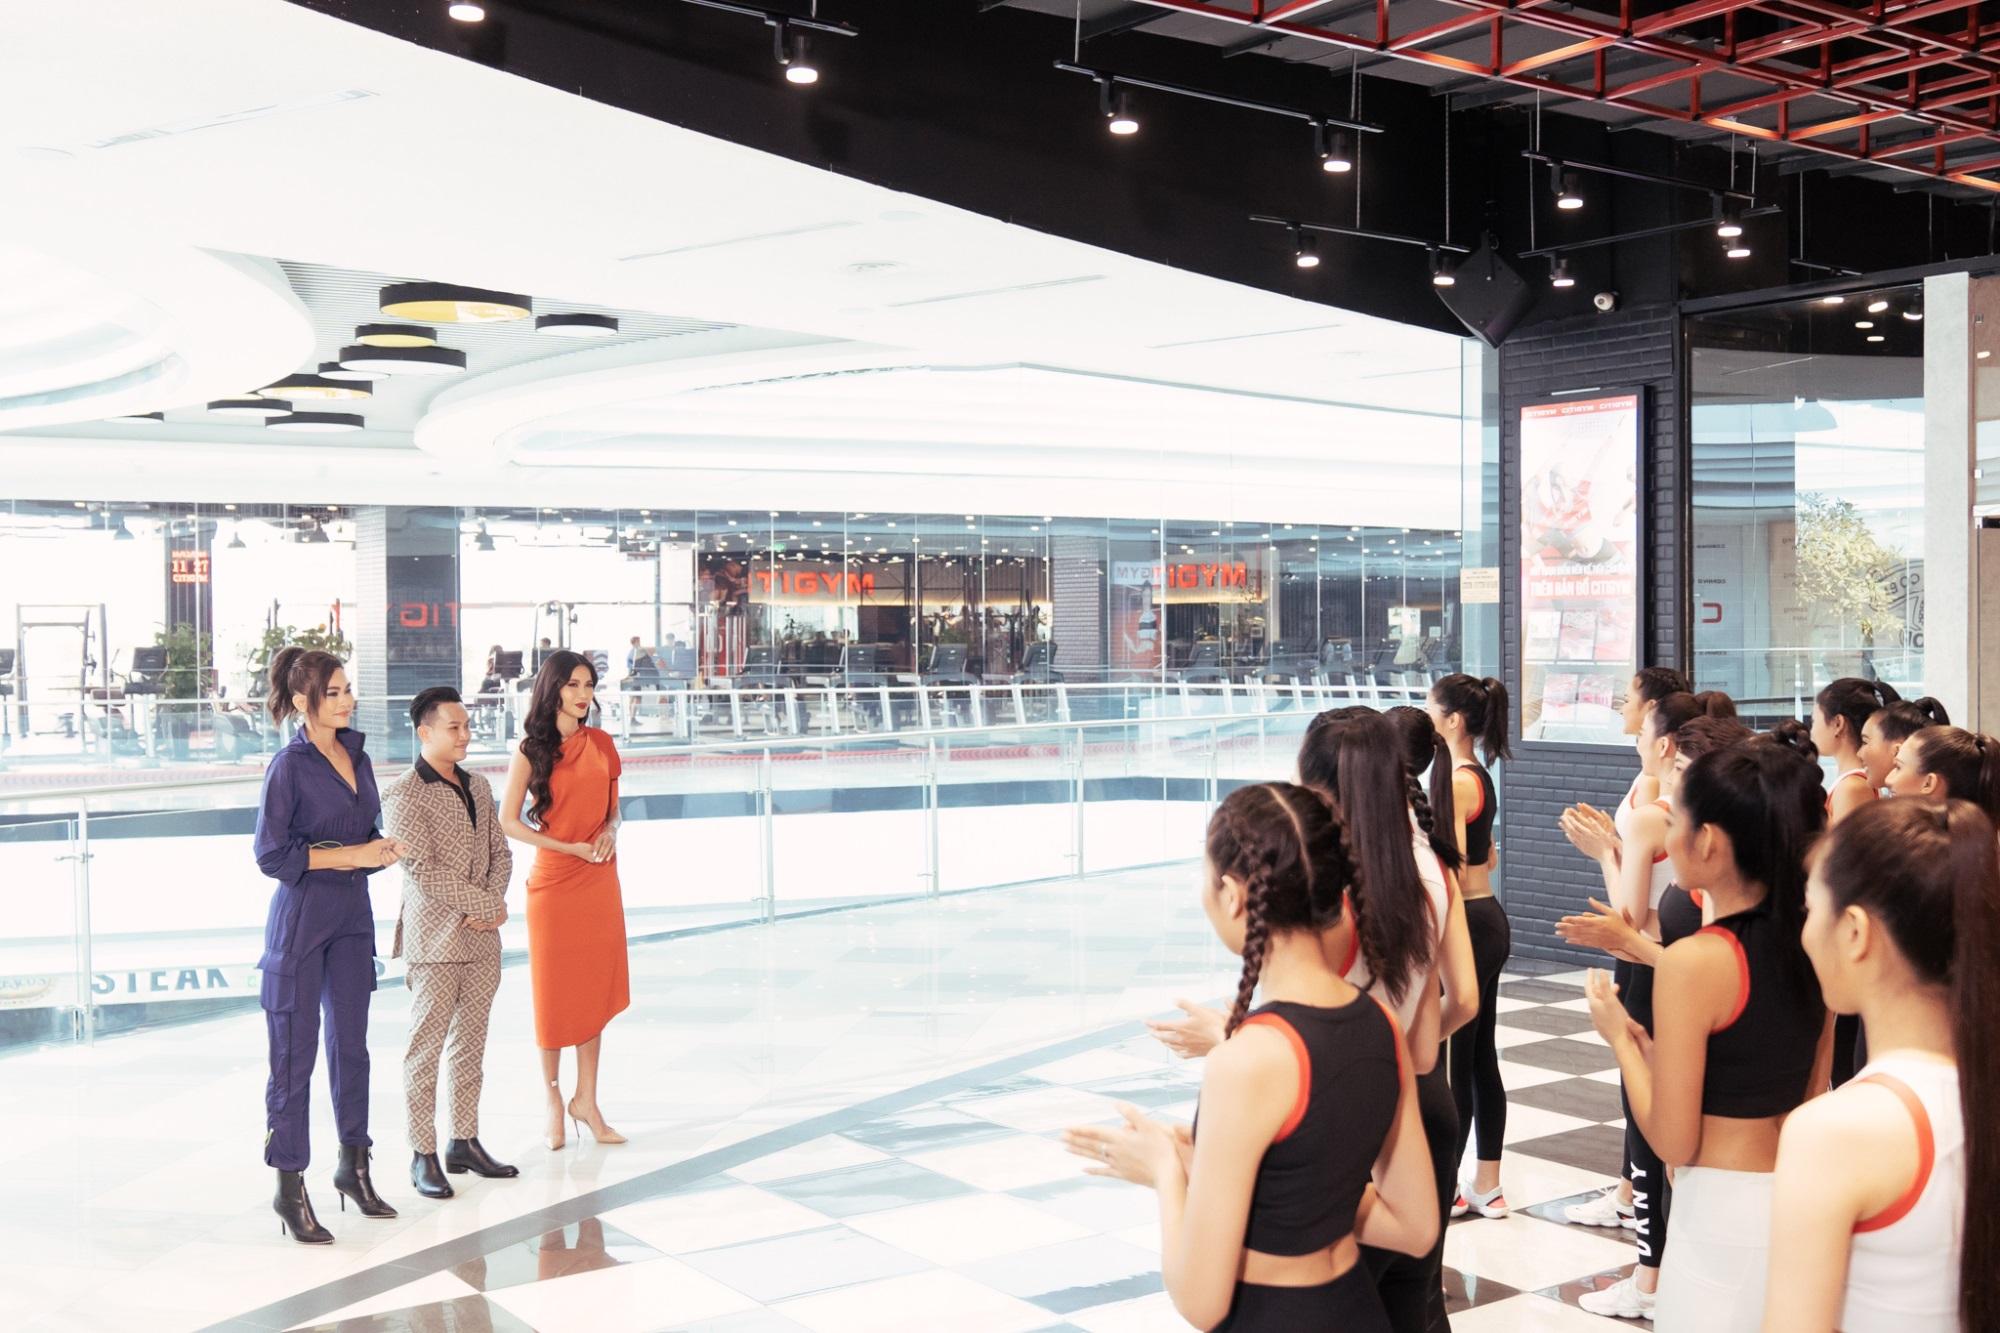 Á hậu Mâu Thủy, siêu mẫu Minh Tú huấn luyện thí sinh trong tập 8 'Tôi là Hoa hậu Hoàn vũ Việt Nam 2019' - Ảnh 2